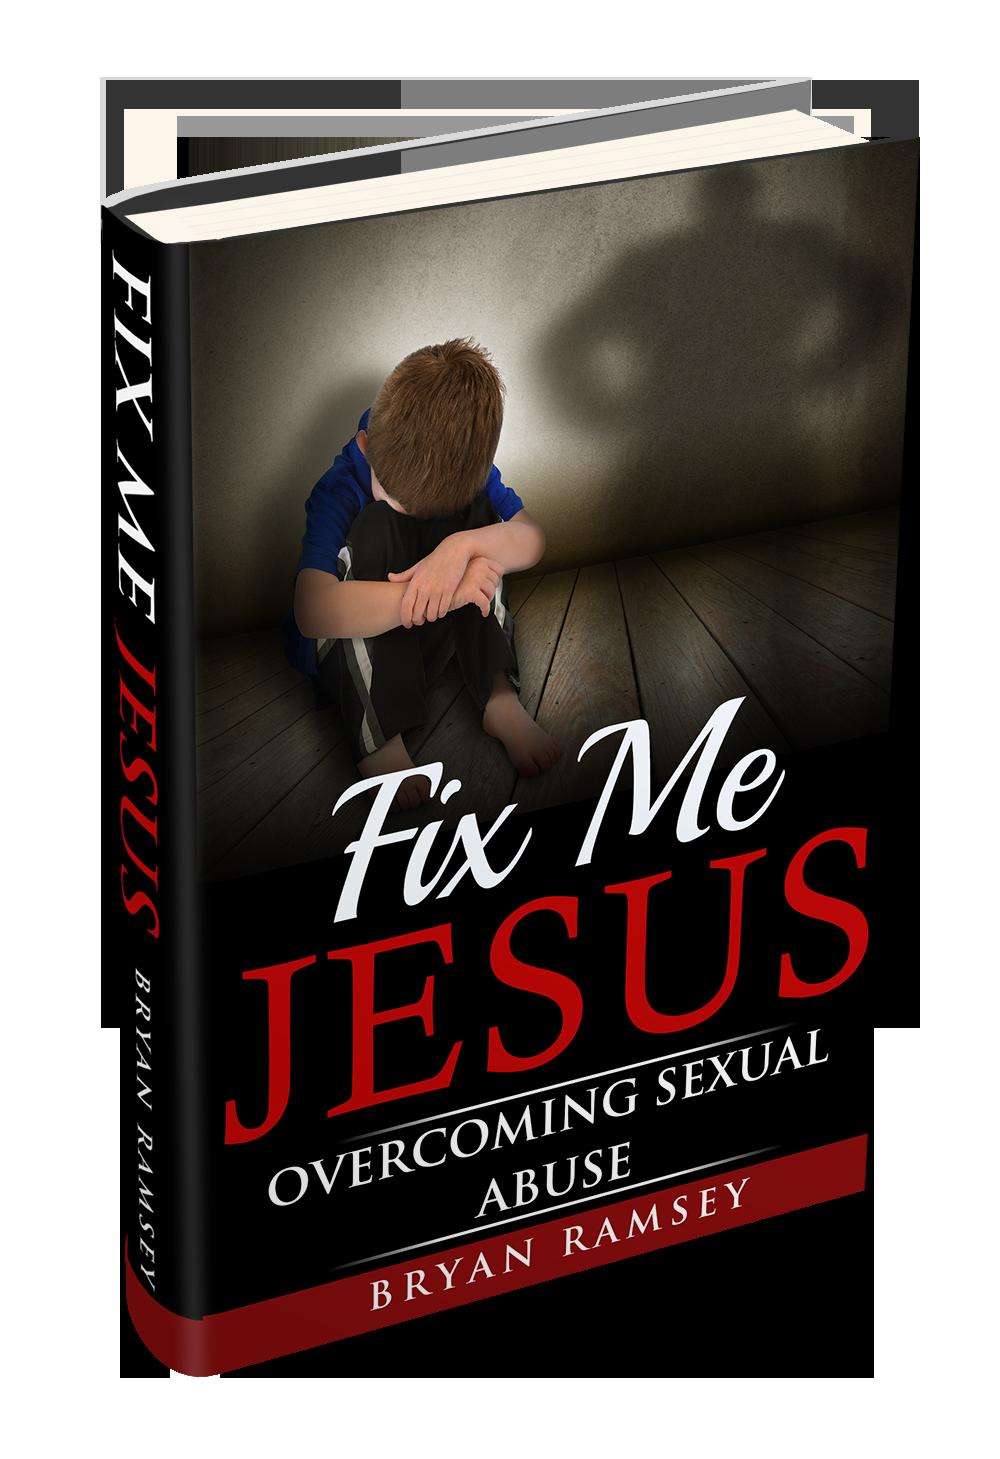 Fix Me Jesus